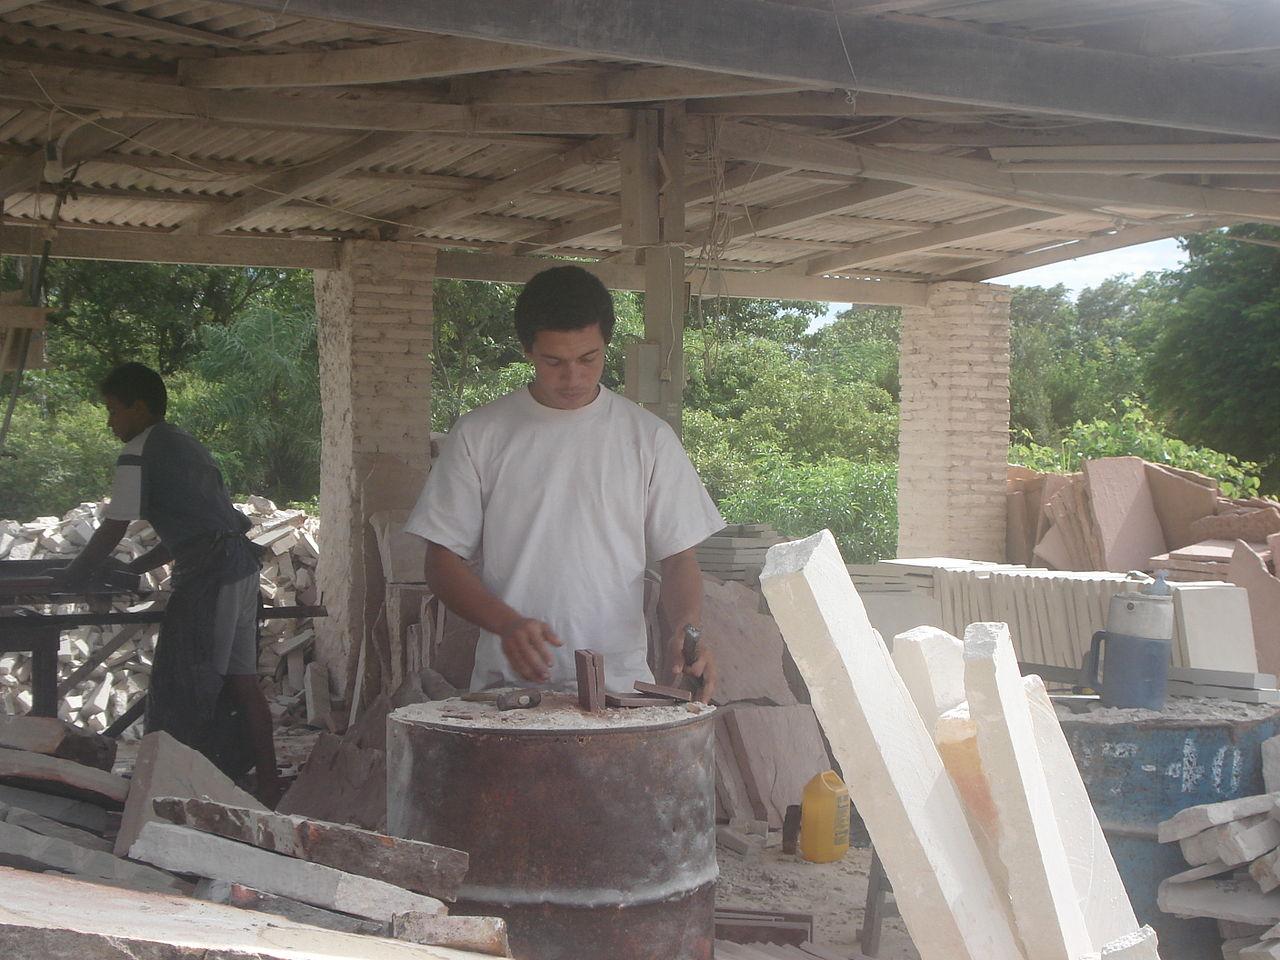 Hombres Trabajando